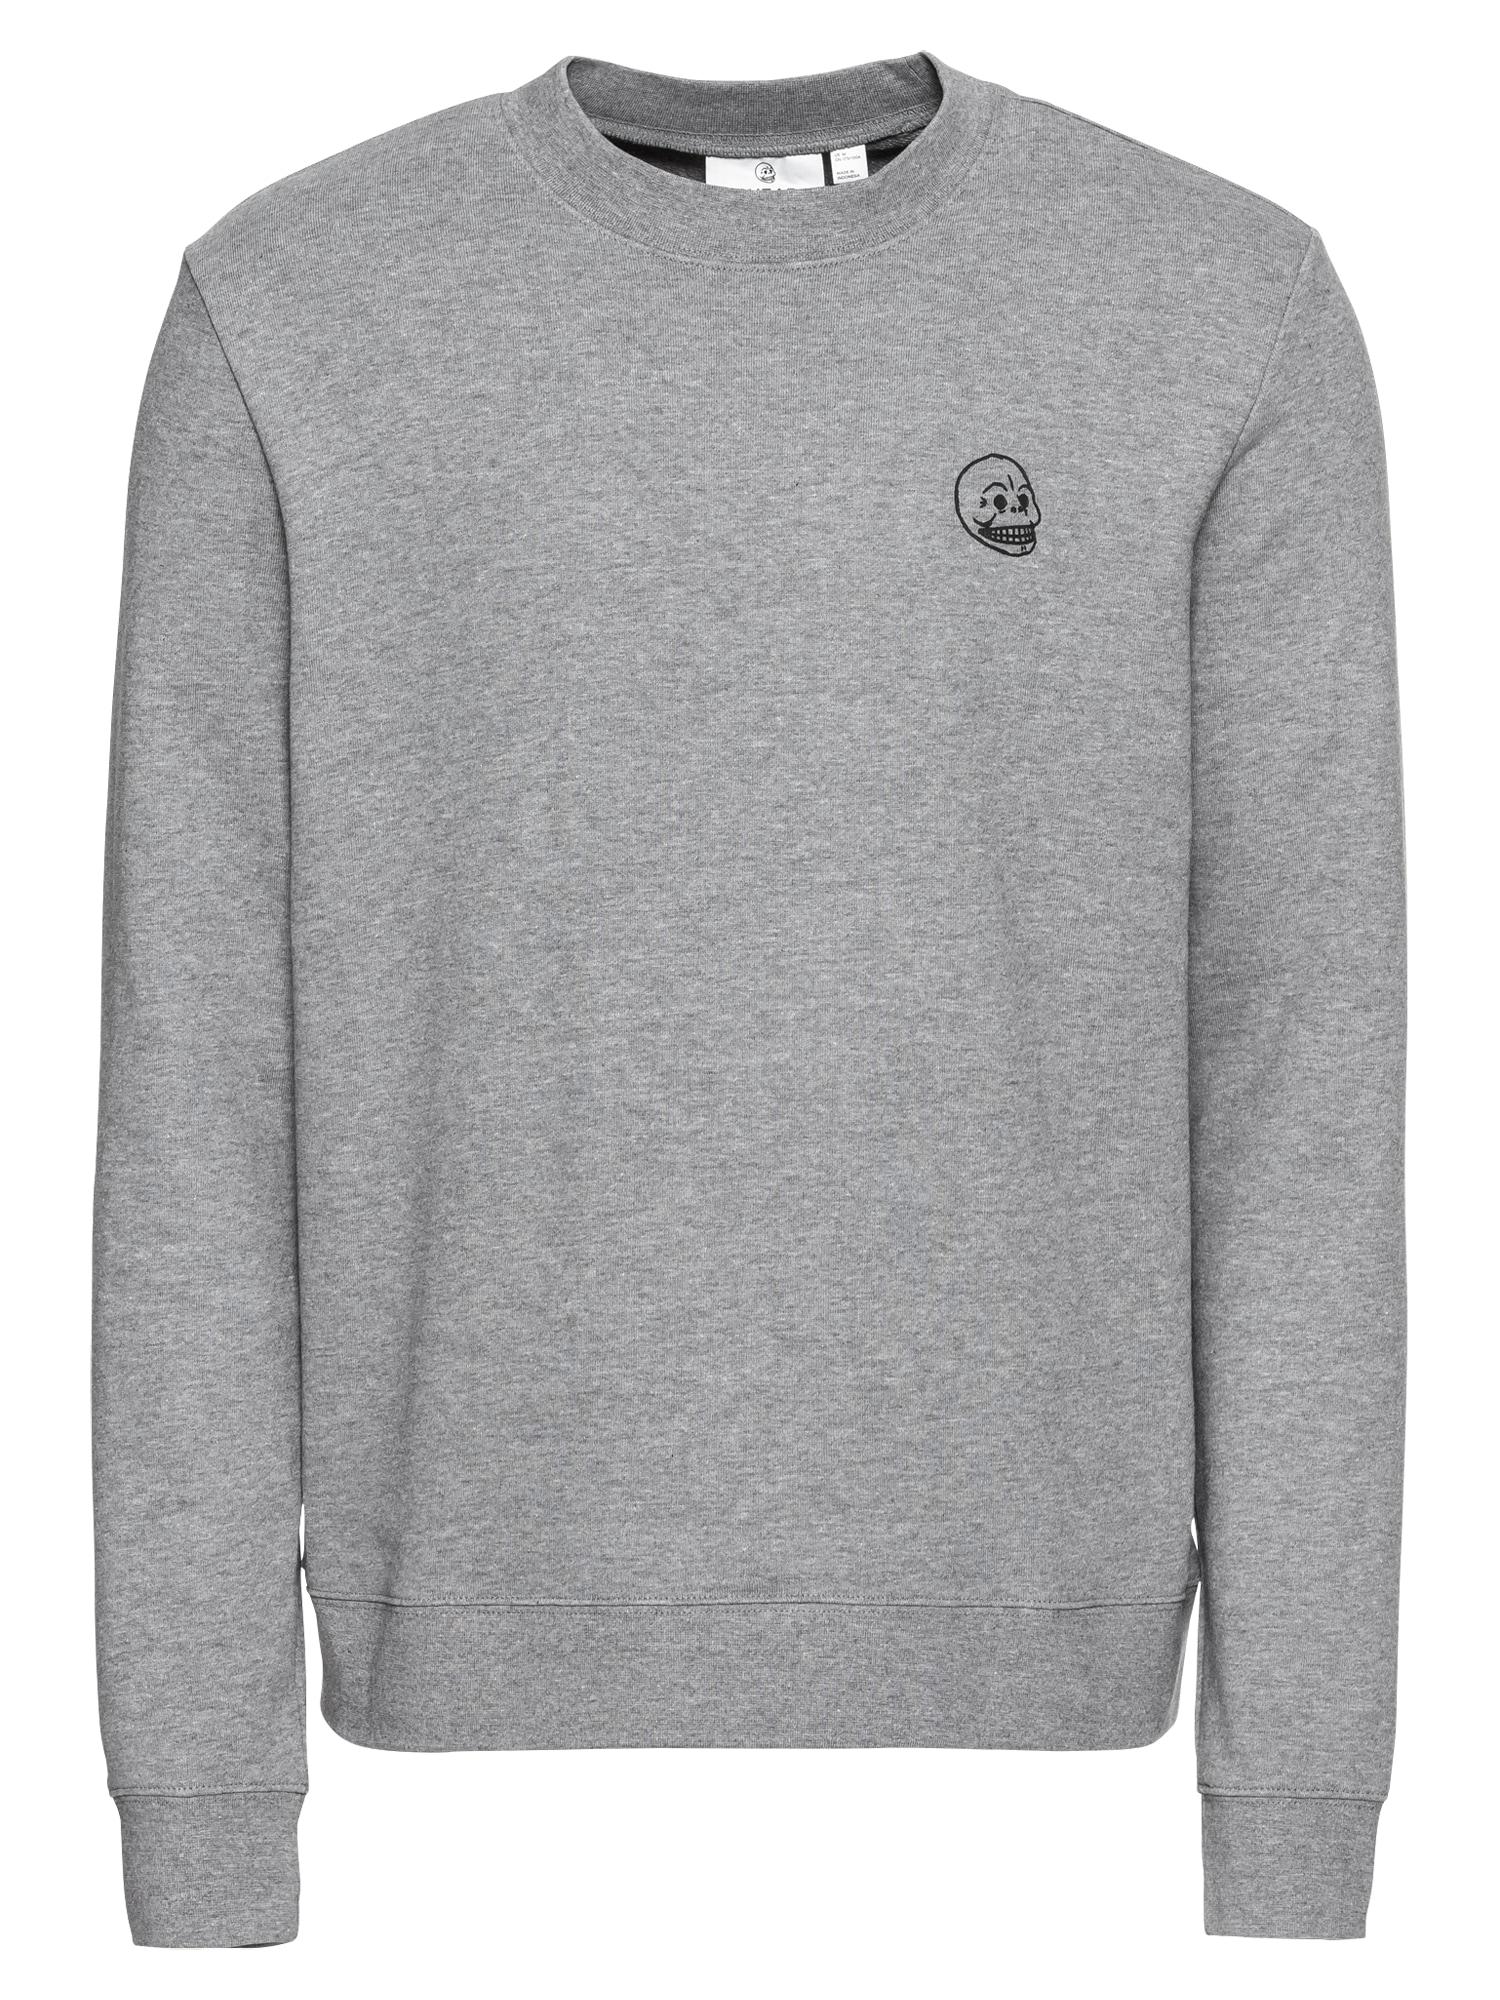 CHEAP MONDAY Heren Sweatshirt Worth sweat Tiny skull grijs gemêleerd